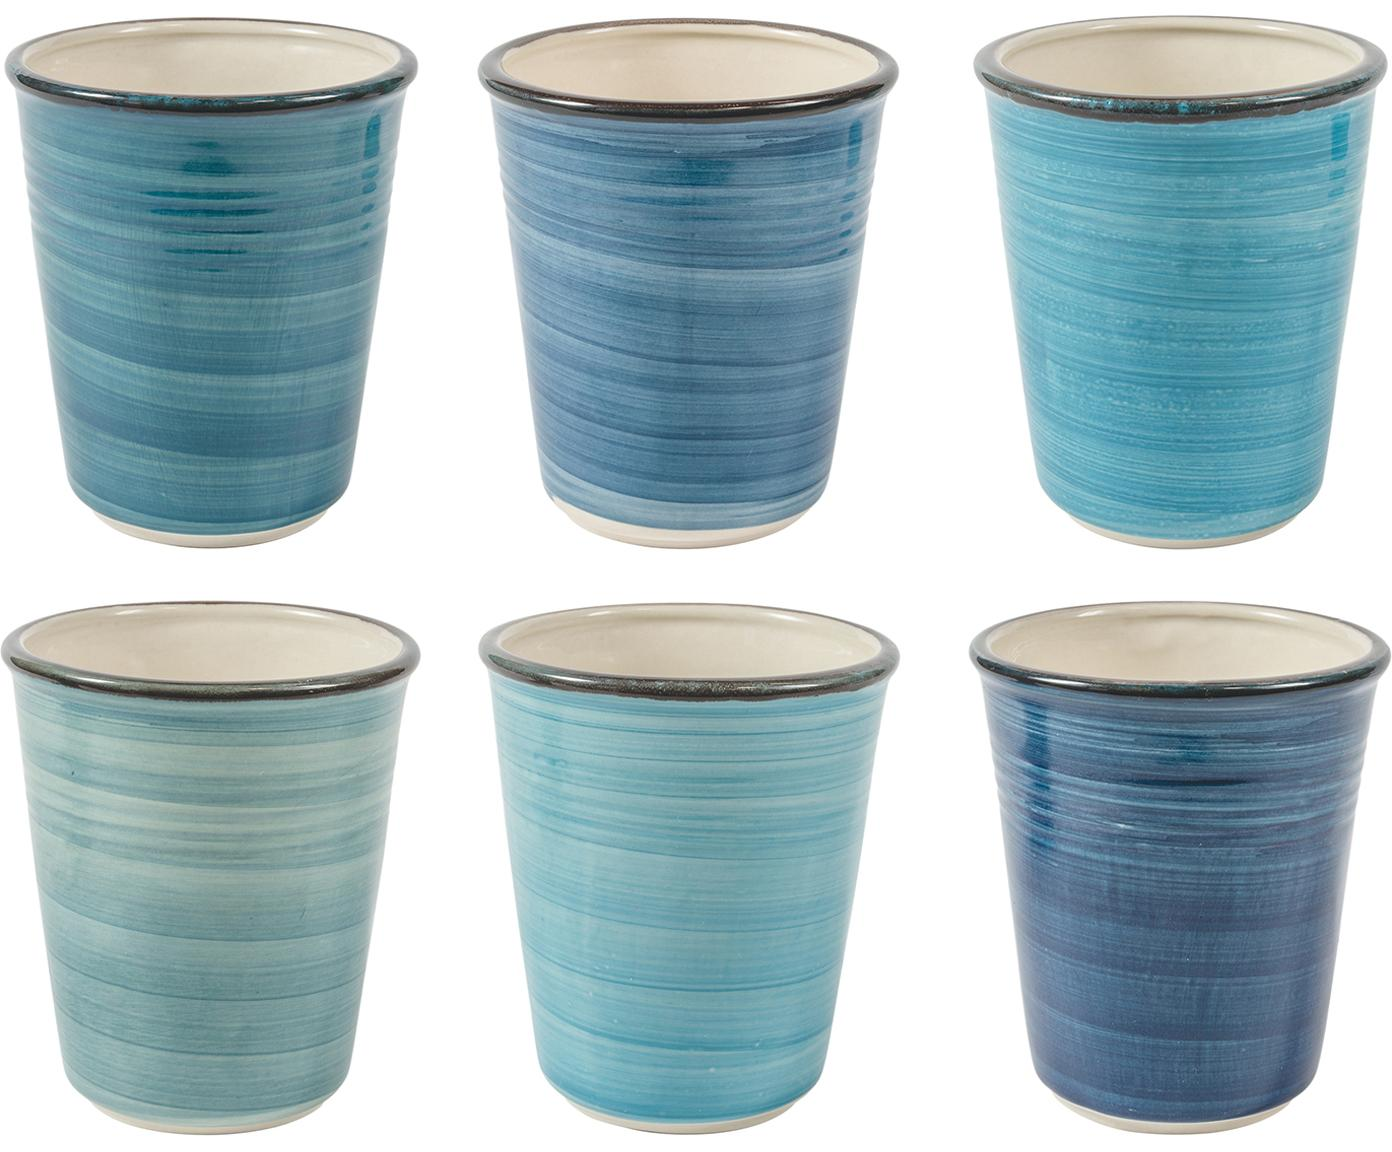 Bekersset Baita, 6-delig, Keramiek, Blauwtinten, grijs, beige, Ø 9 x H 11 cm